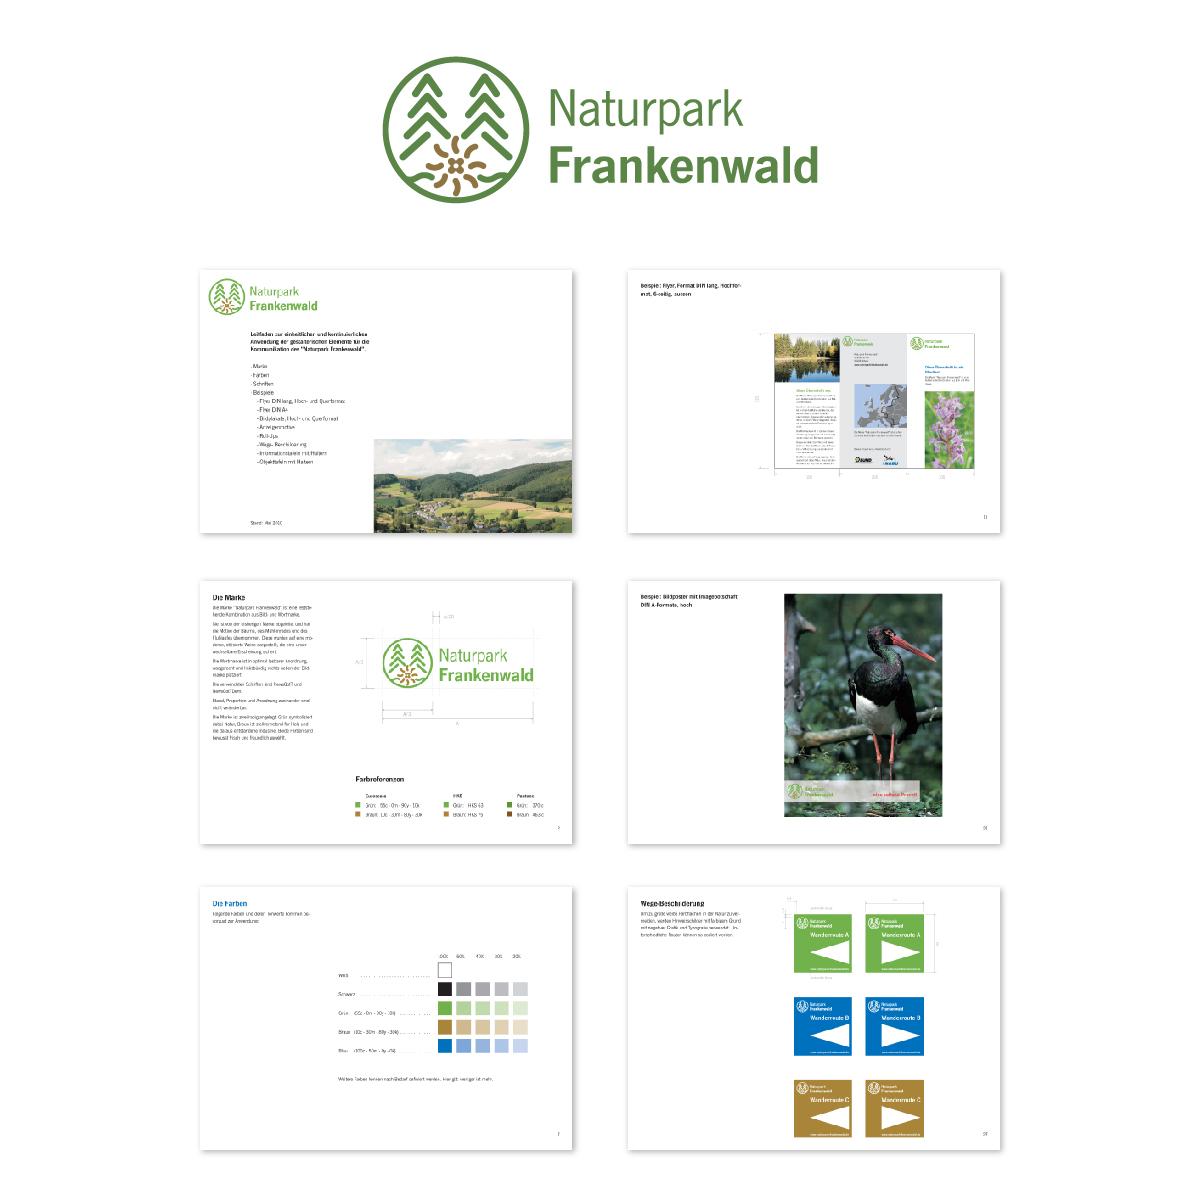 Naturpark Frankenwald